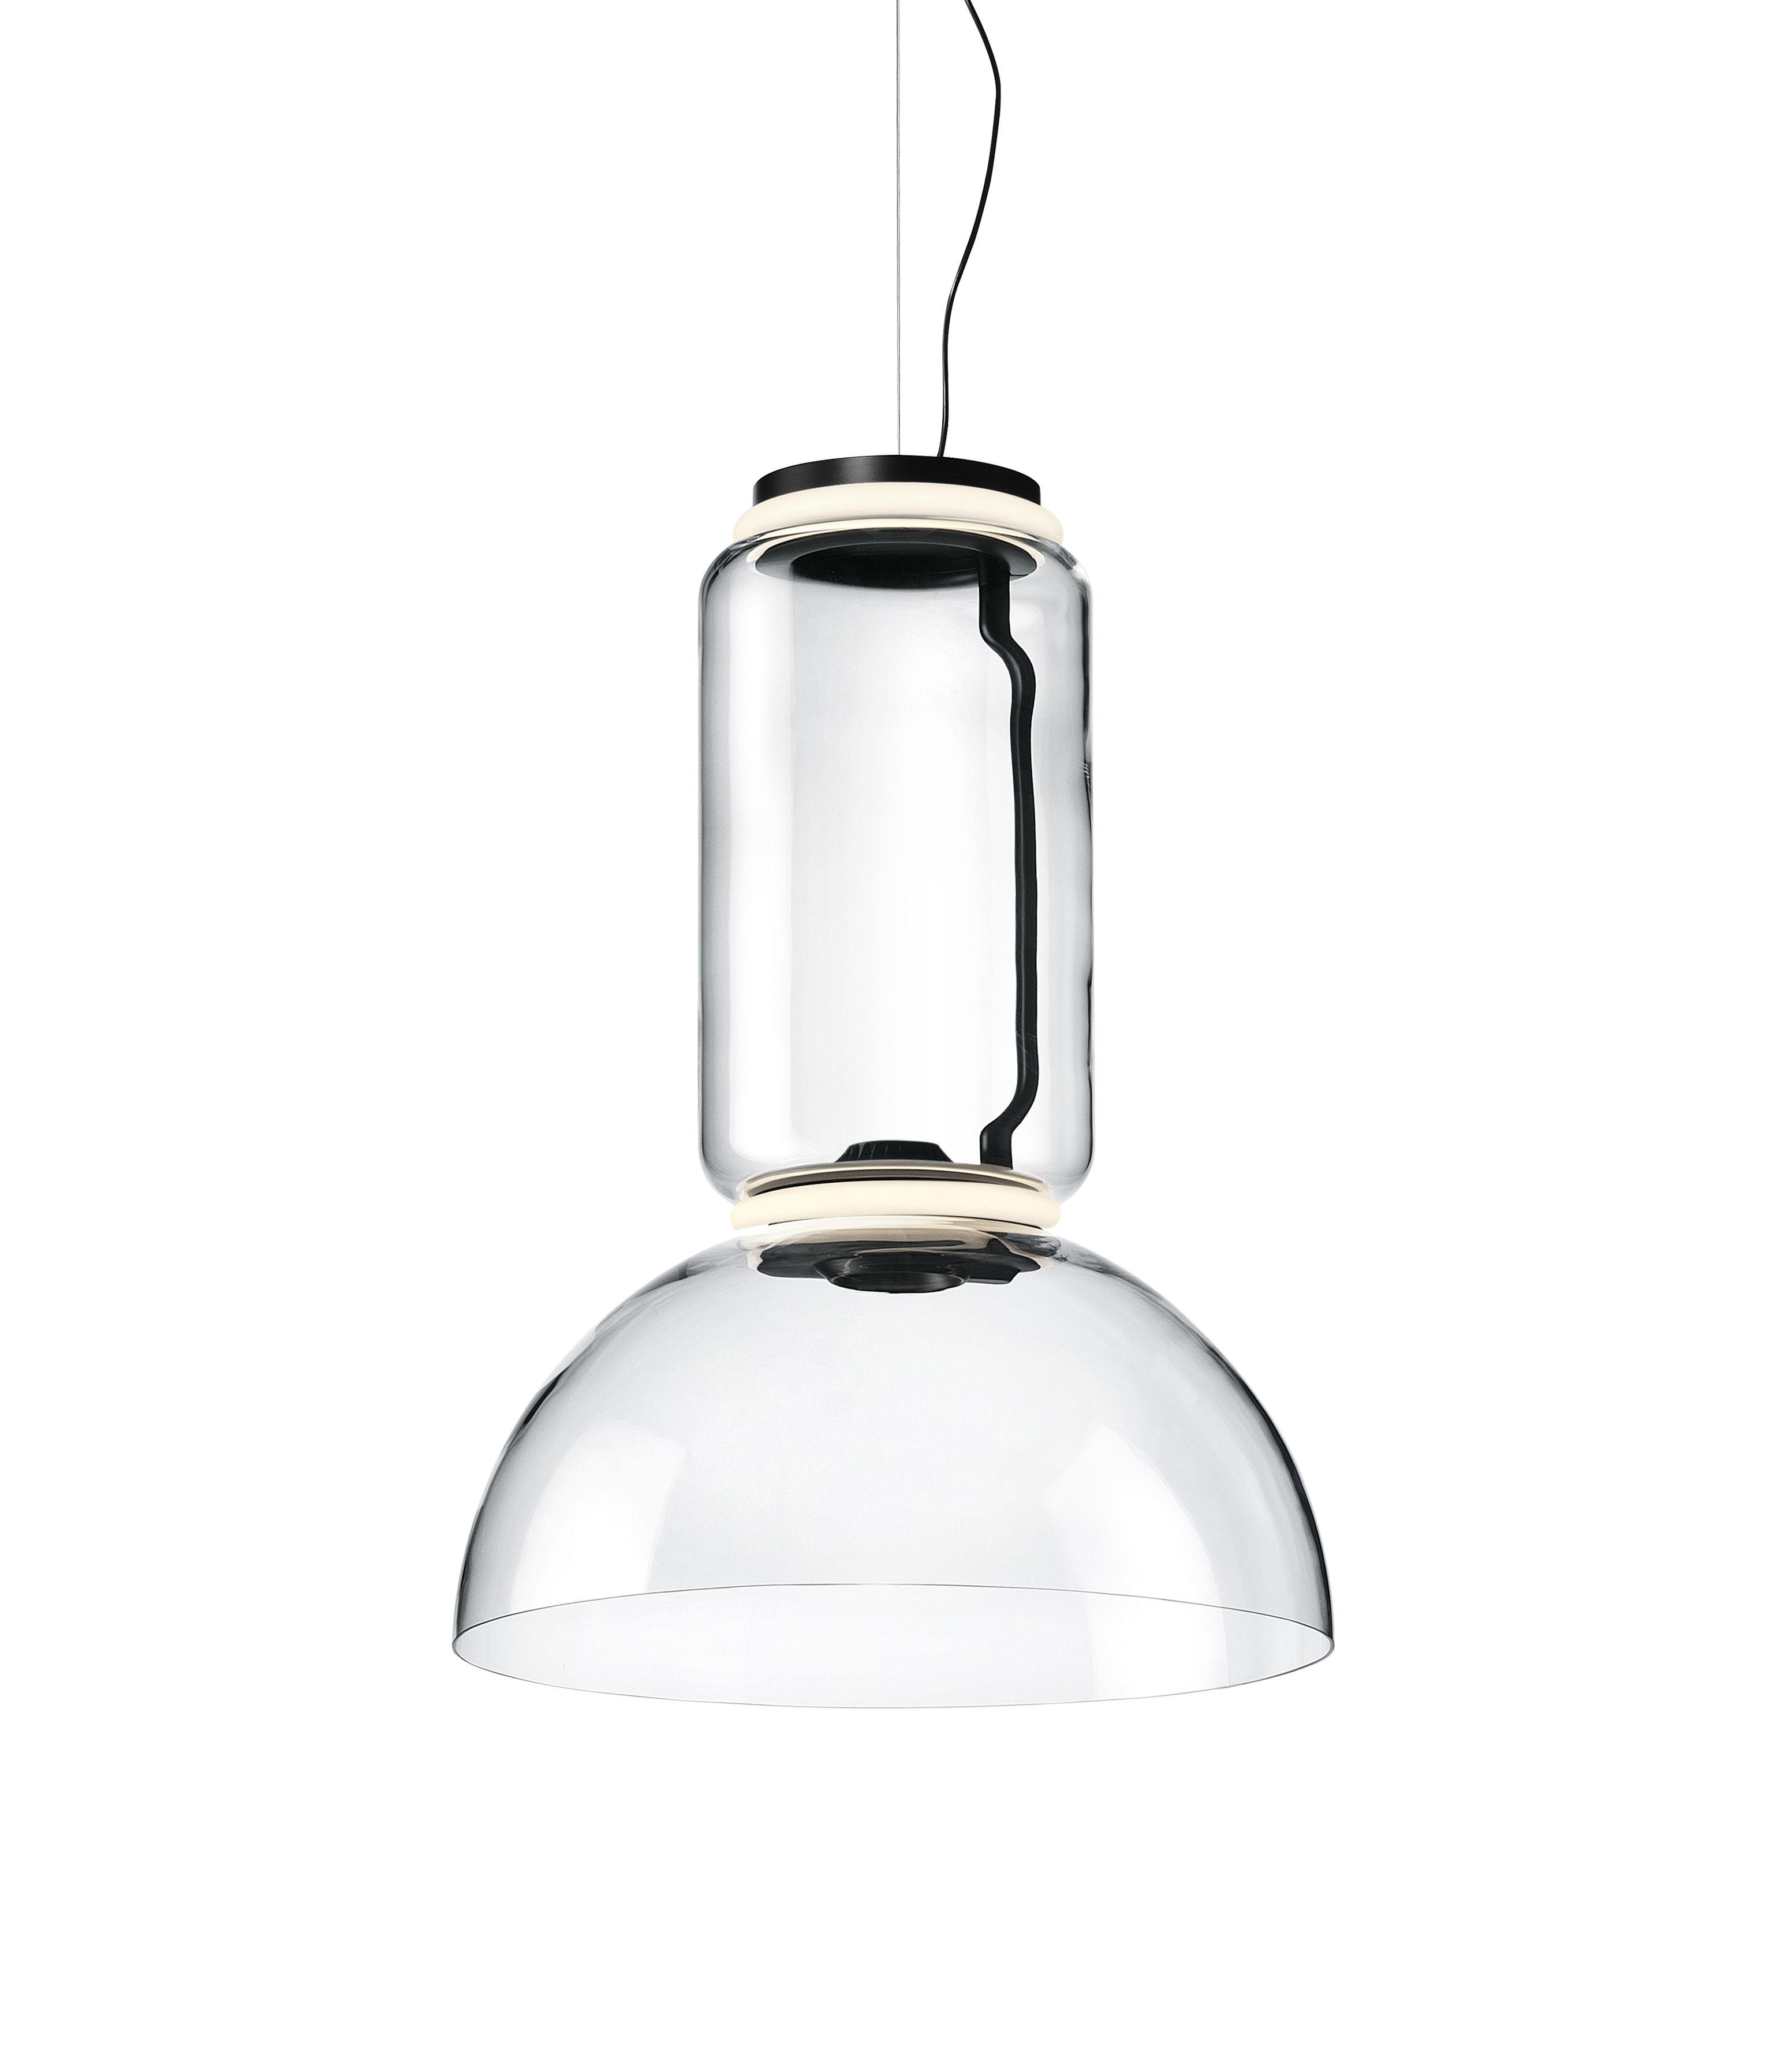 Leuchten - Pendelleuchten - Noctambule Dôme n°1 Pendelleuchte / LED - Ø 55 x H 75 cm - Flos - H 75 cm / Transparent - geblasenes Glas, Gussaluminium, Stahl